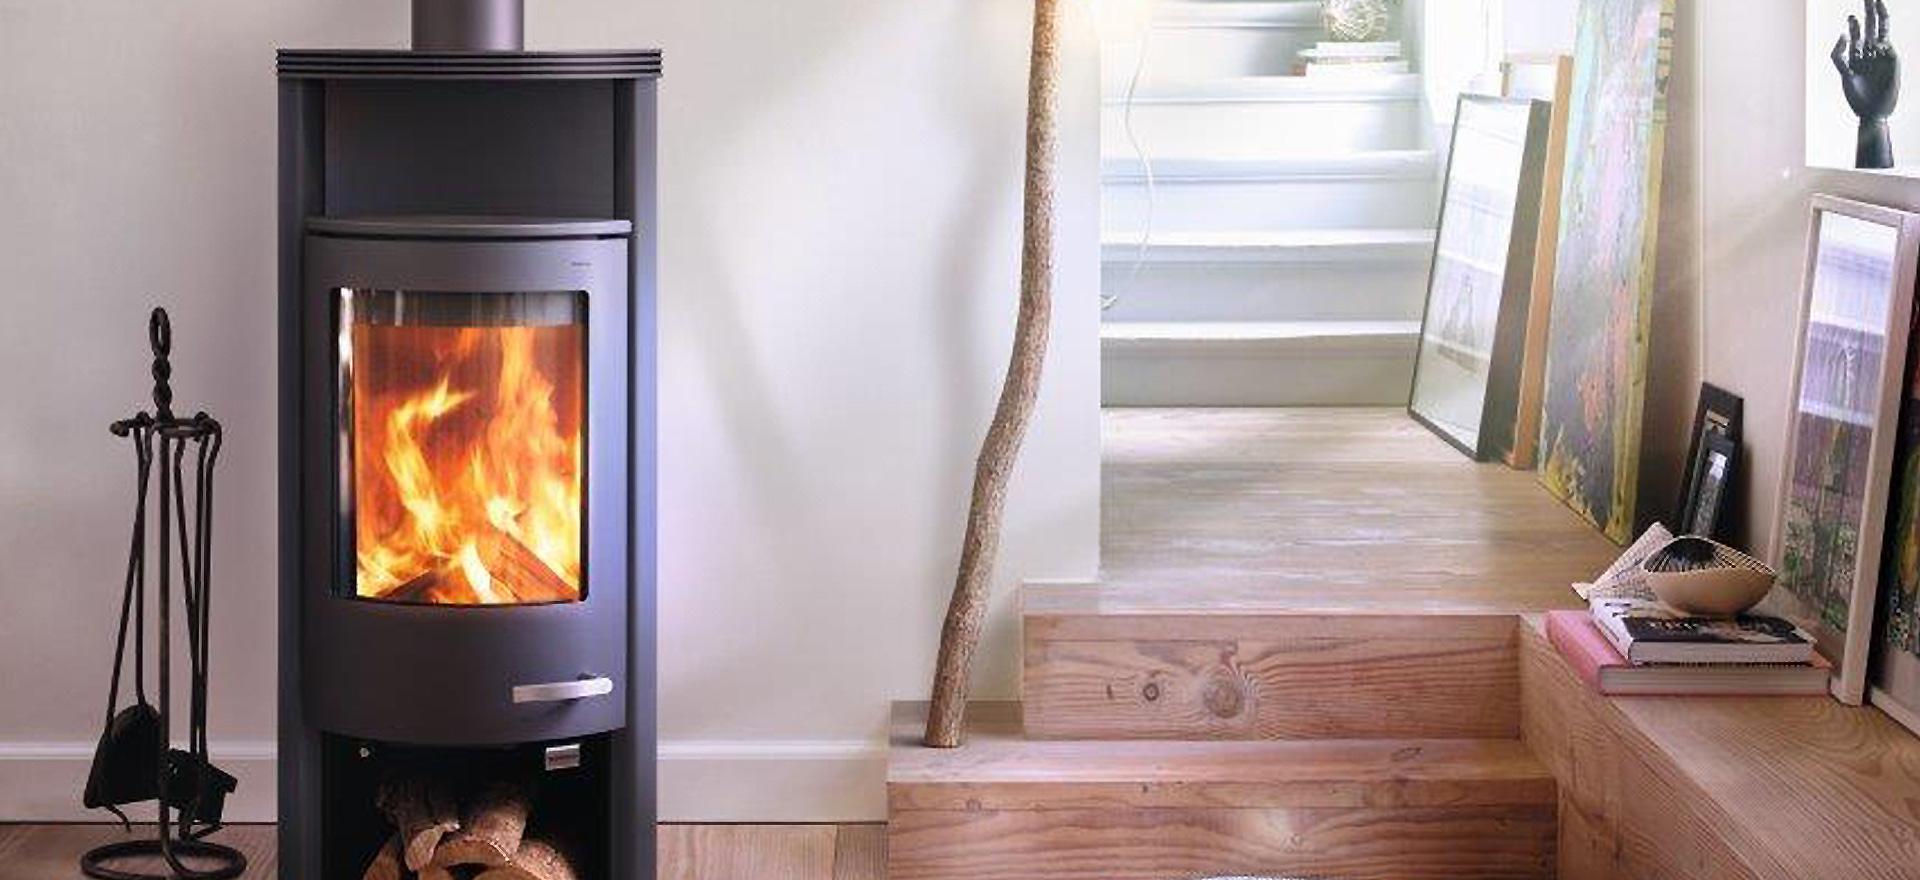 skantherm merano kamin ofen steger gmbh. Black Bedroom Furniture Sets. Home Design Ideas